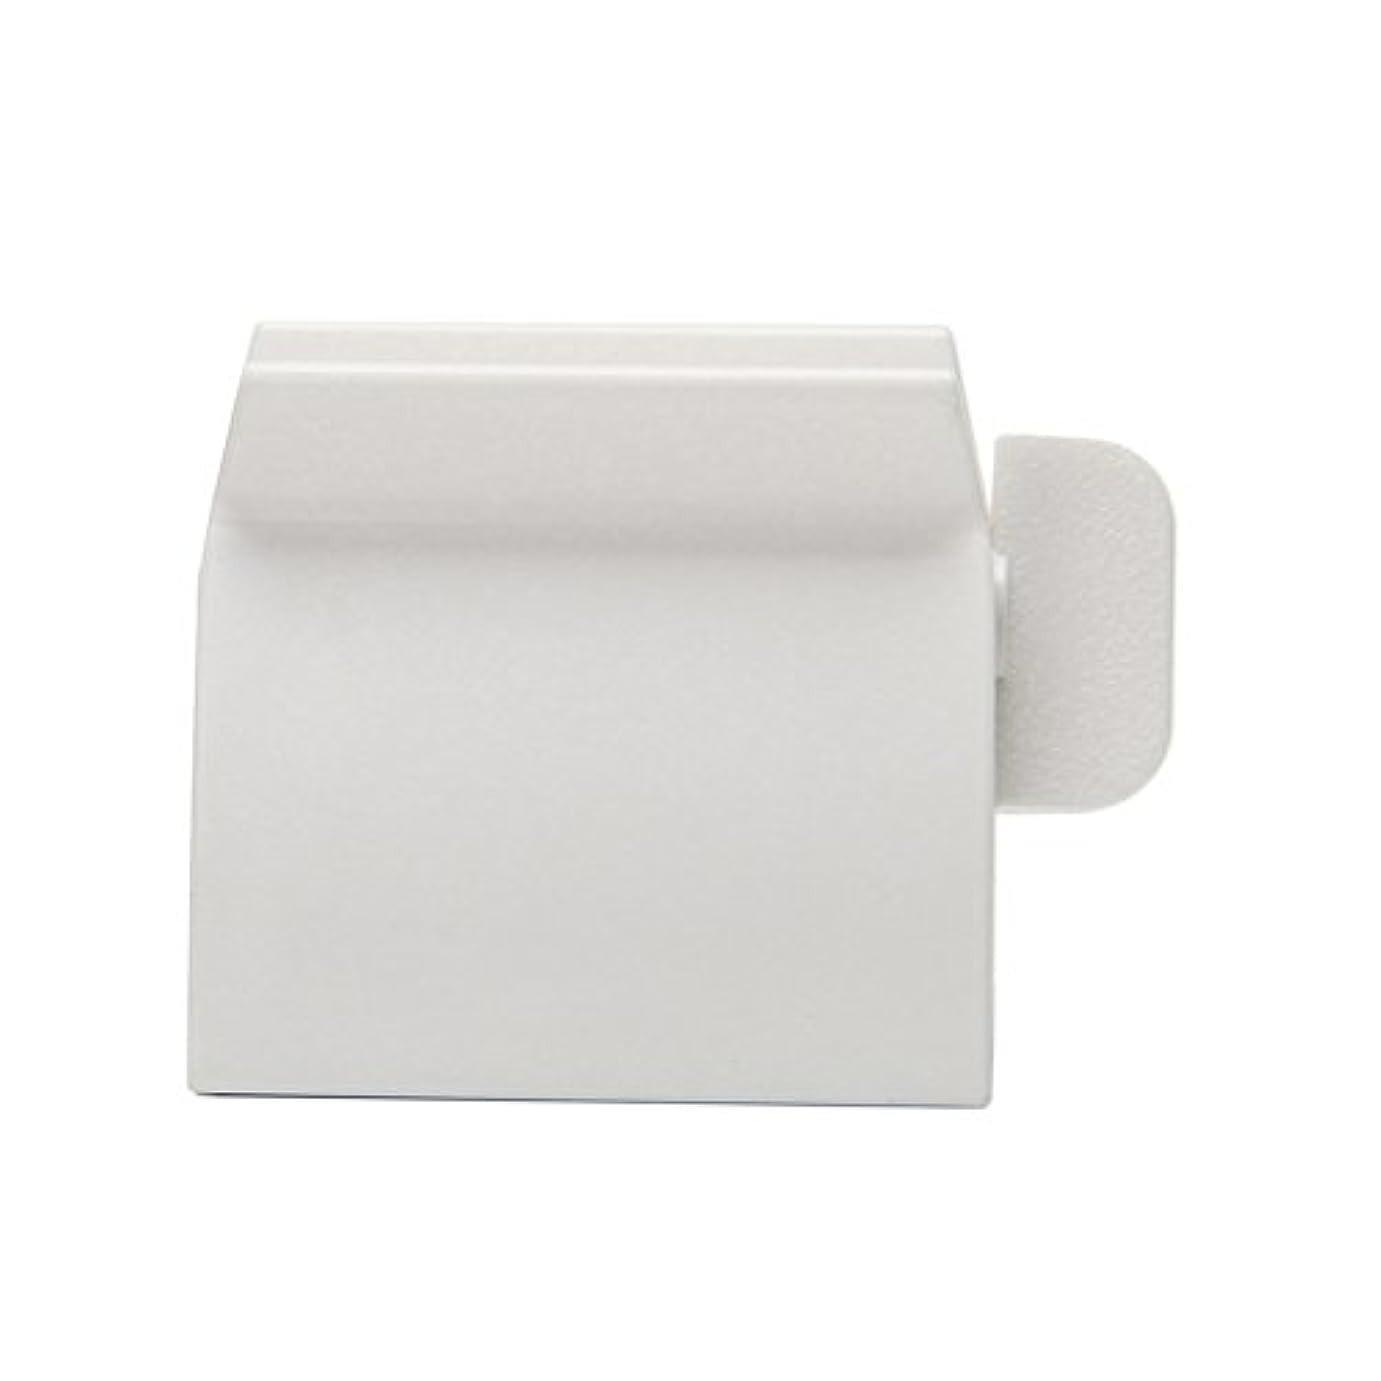 キャリア気を散らす建てるLamdoo浴室ホームチューブローリングホルダースクイーザ簡単歯磨き粉ディスペンサー